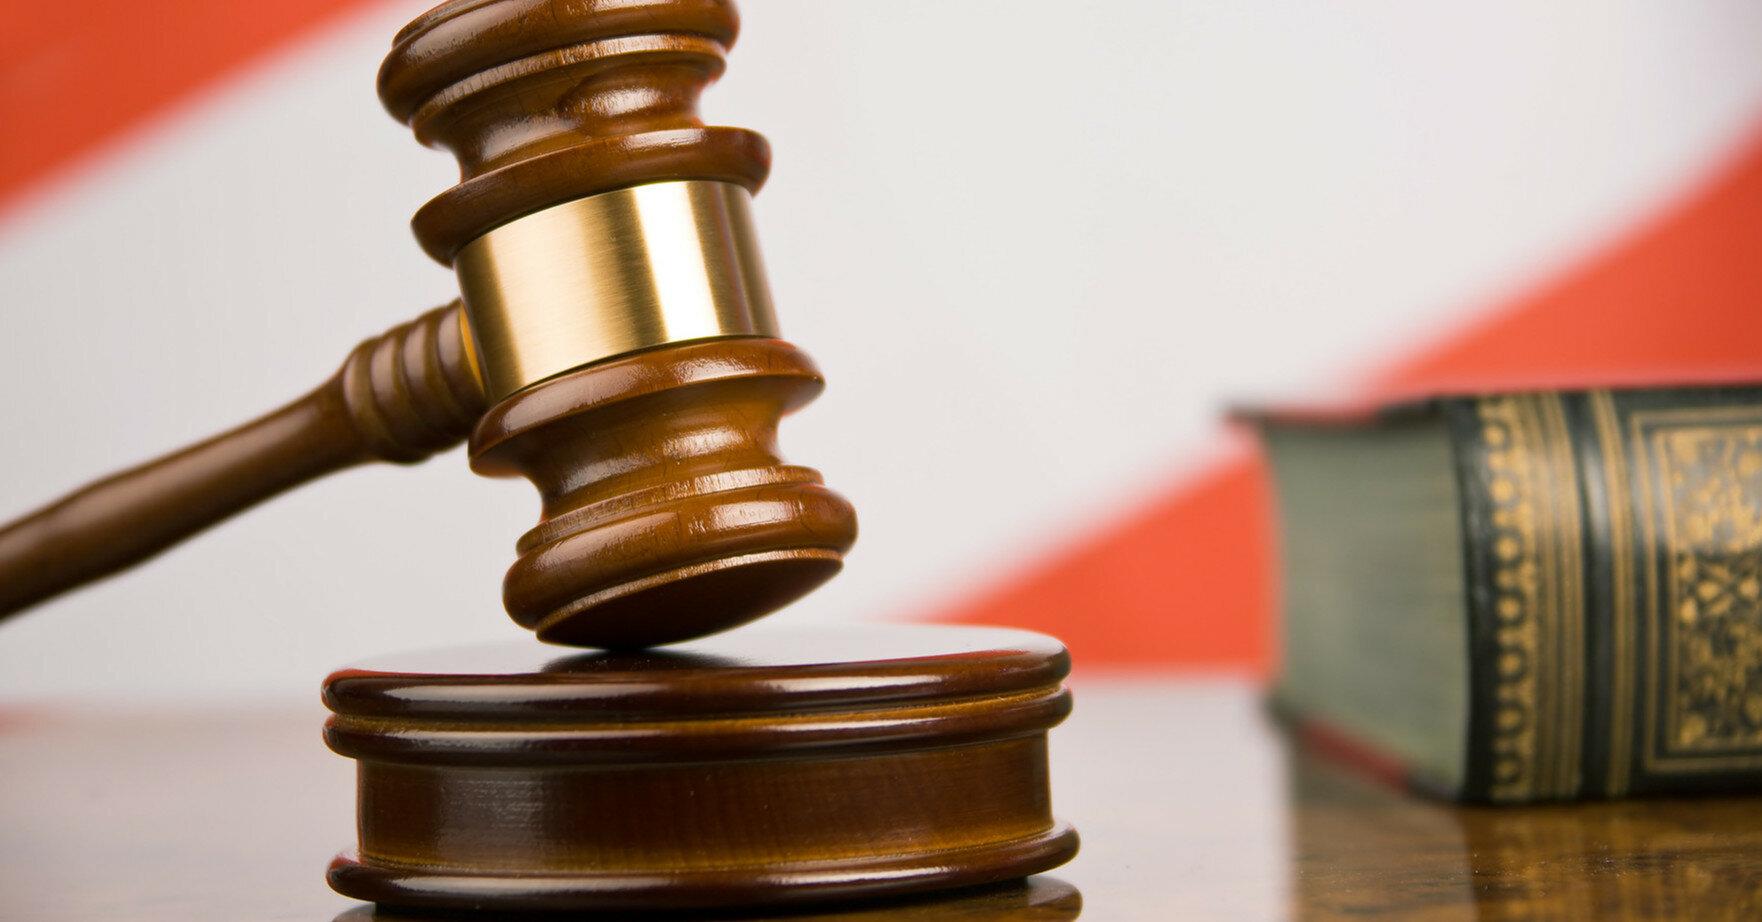 Сбербанк отсудил у Укрзализныци $17 миллионов